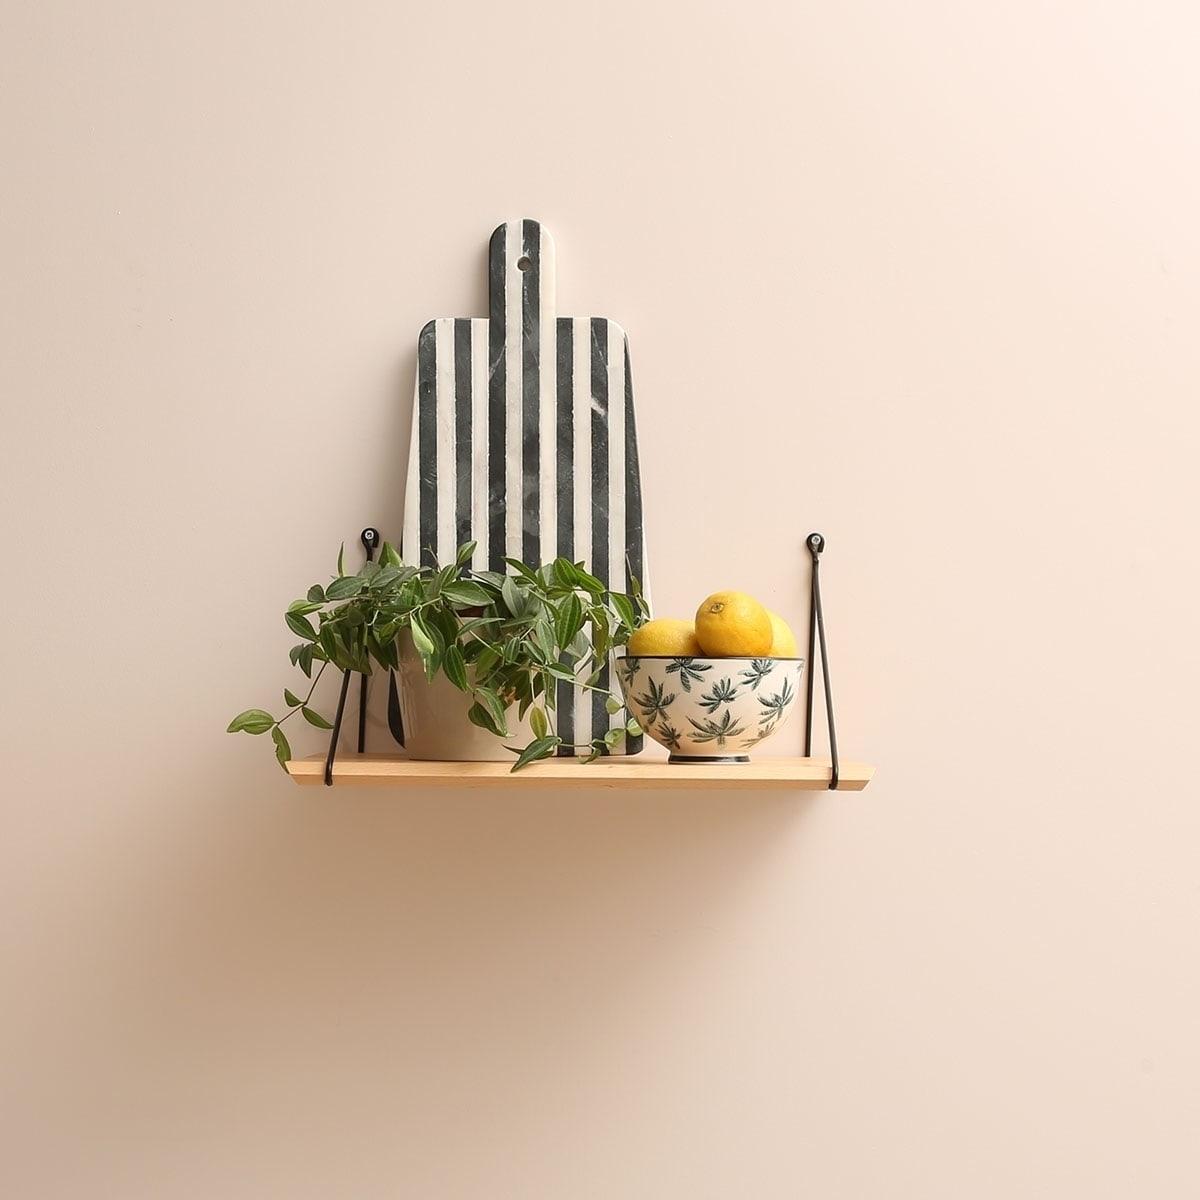 Mini shelves